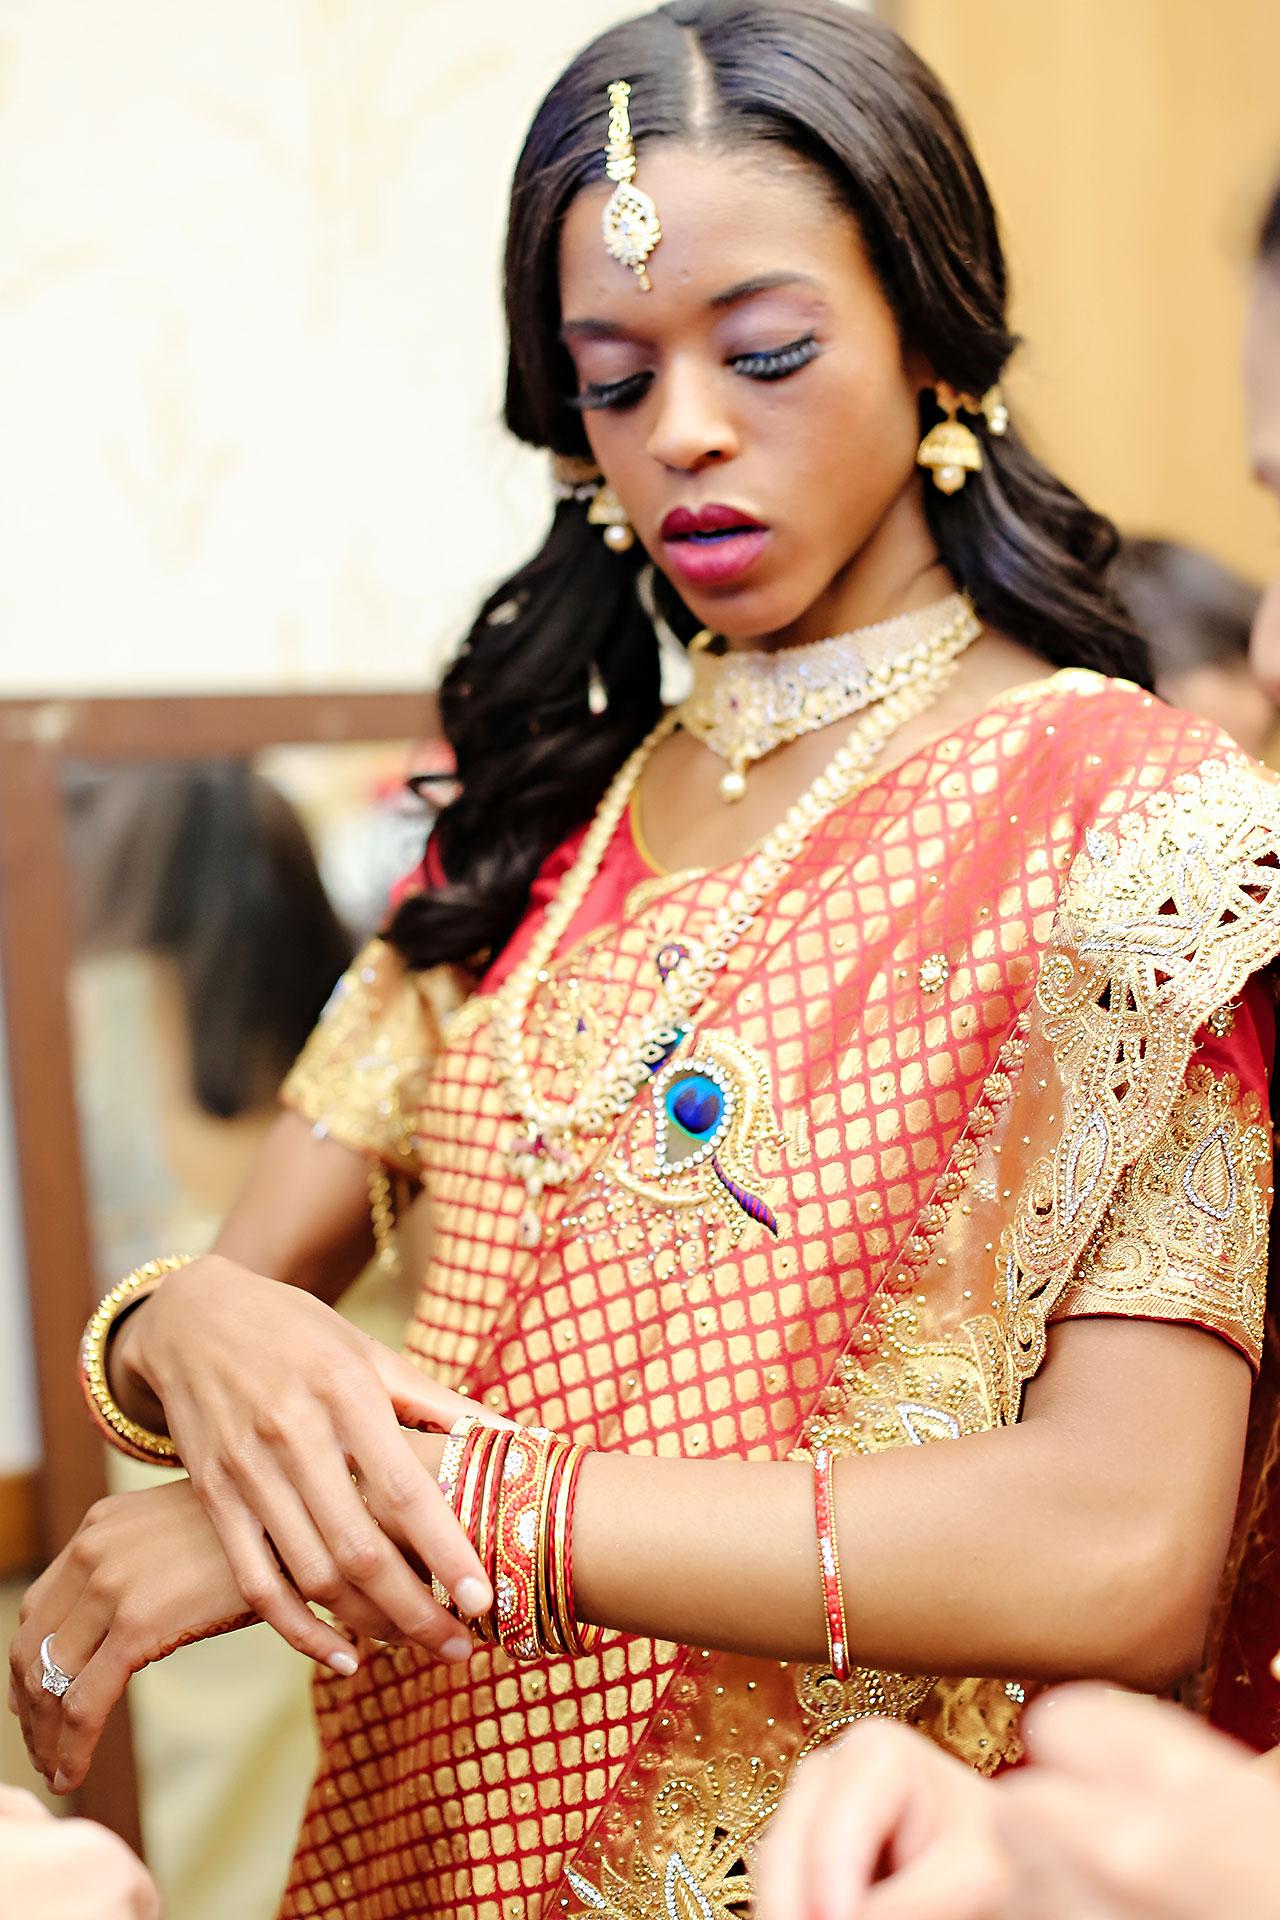 Joie Nikhil JW Marriott Indian Wedding 036